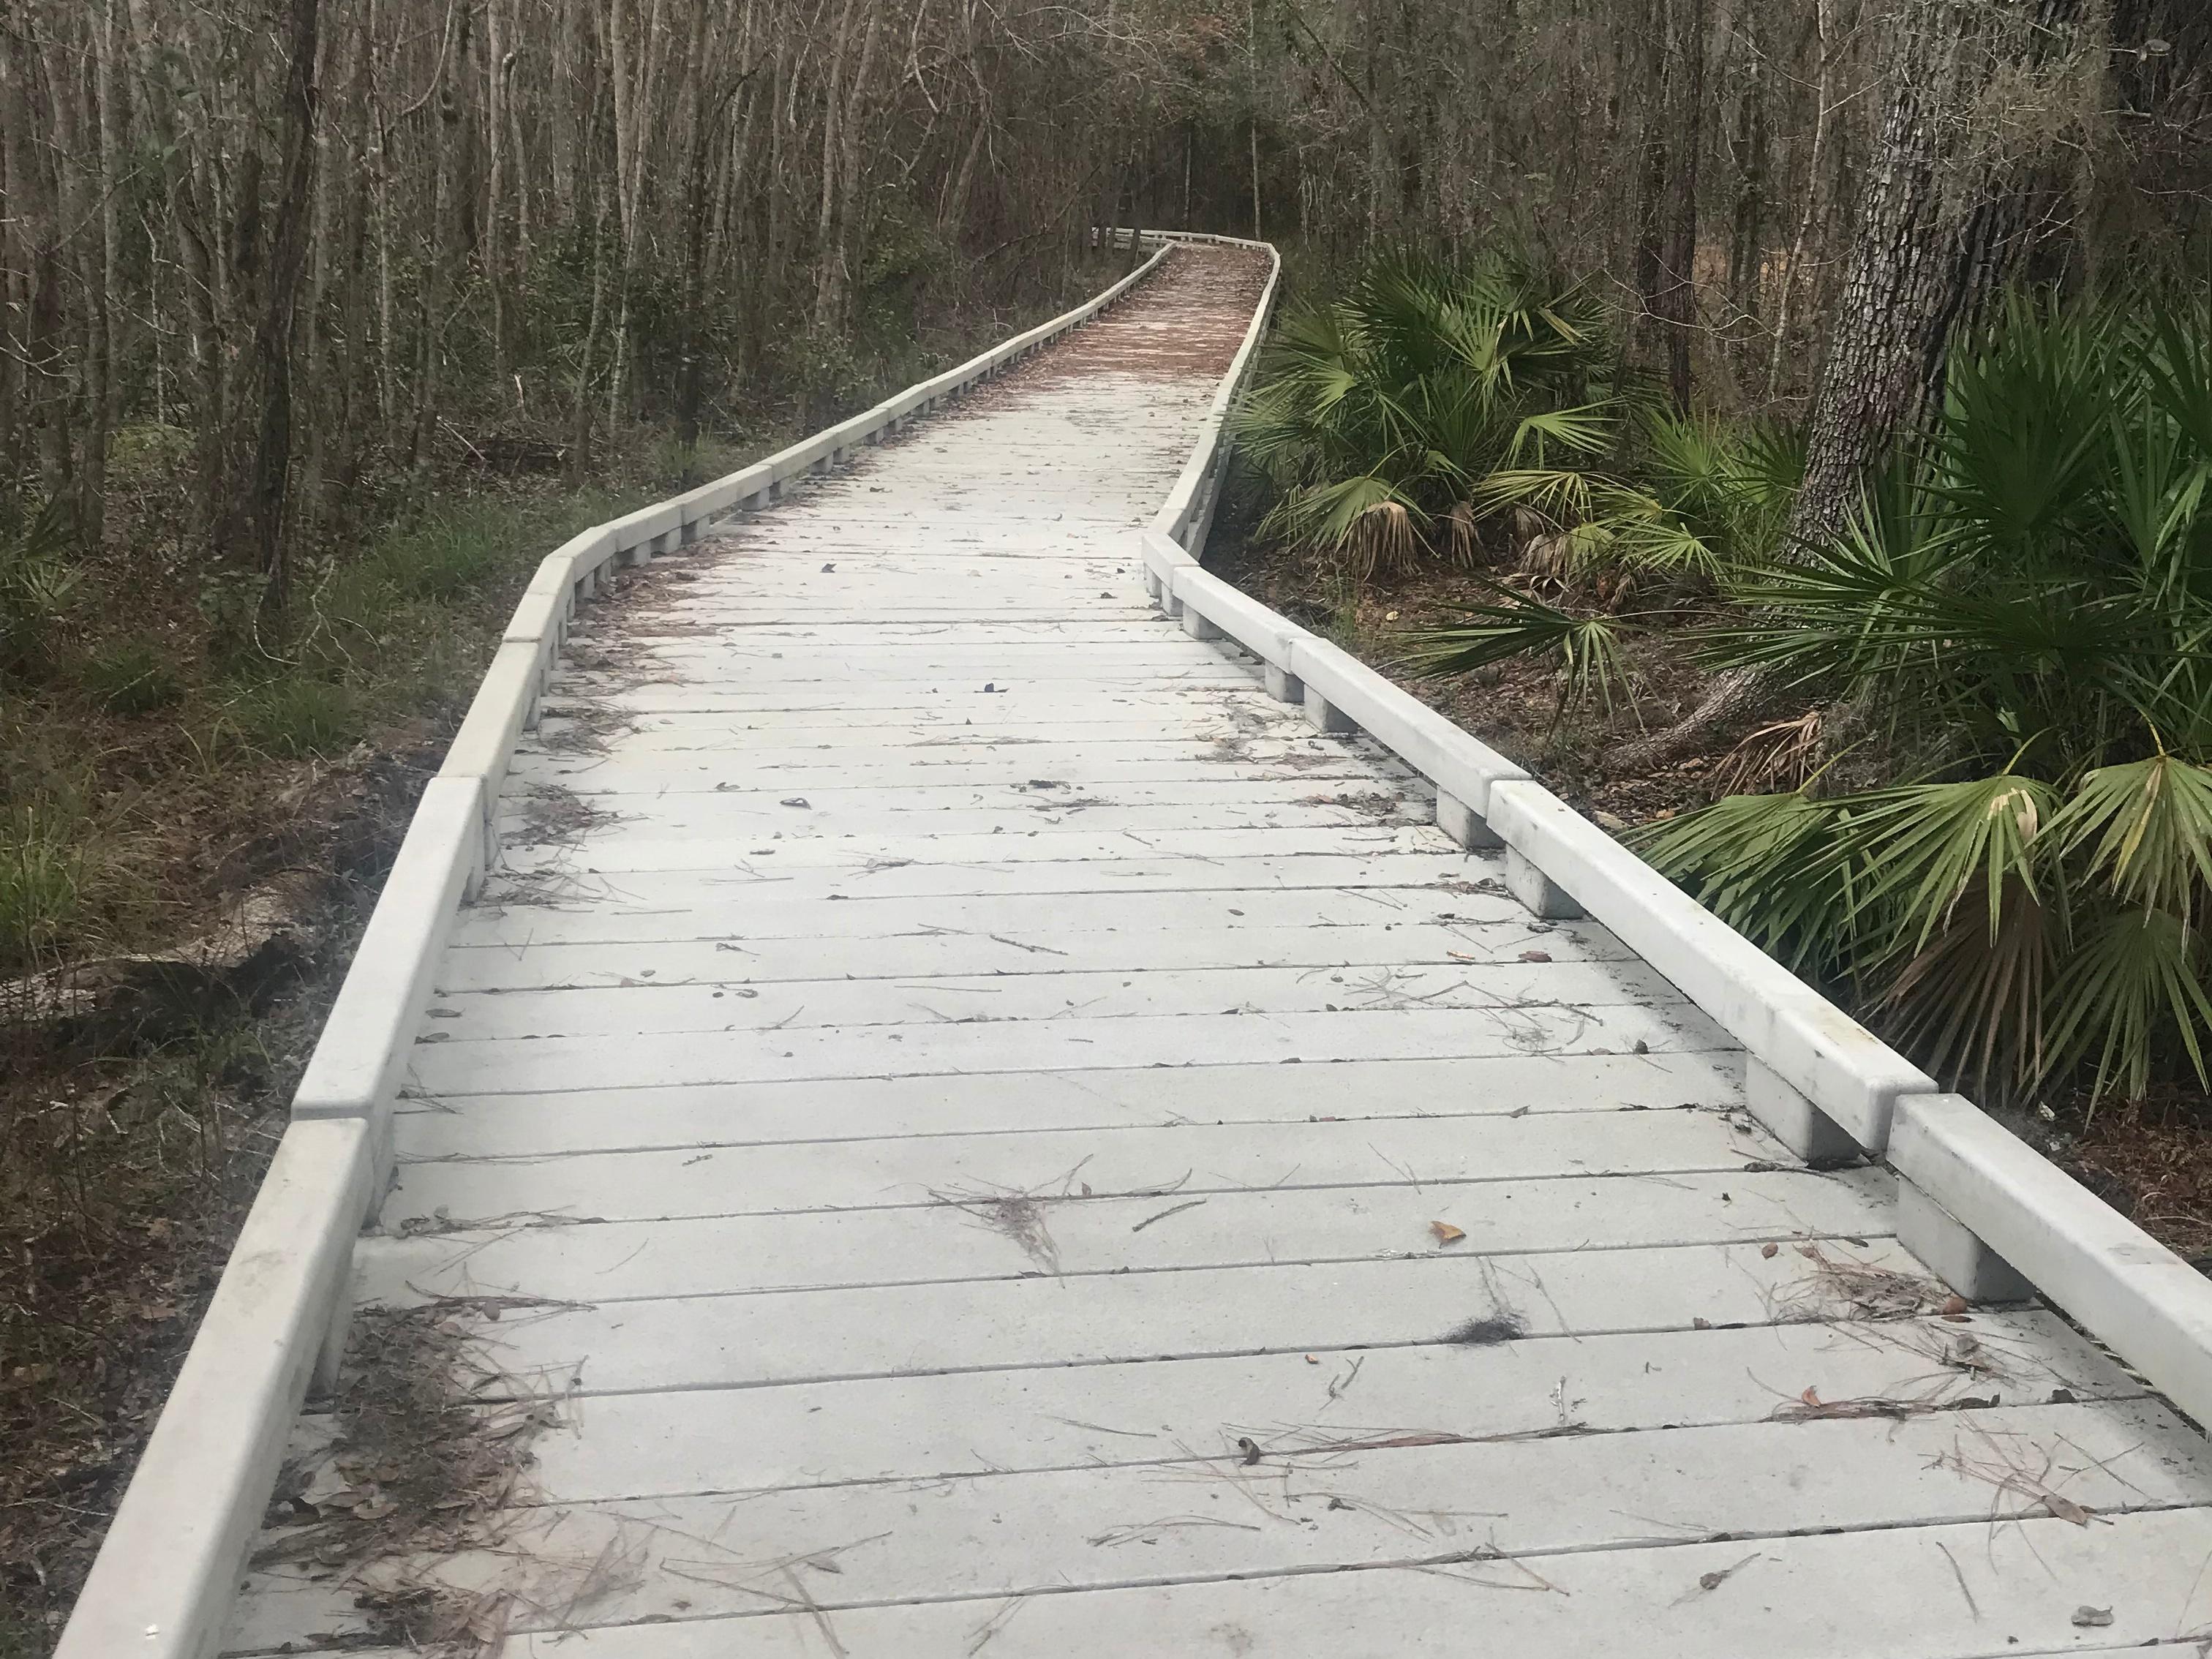 barr-hammock-concrete-boardwalk-800x600